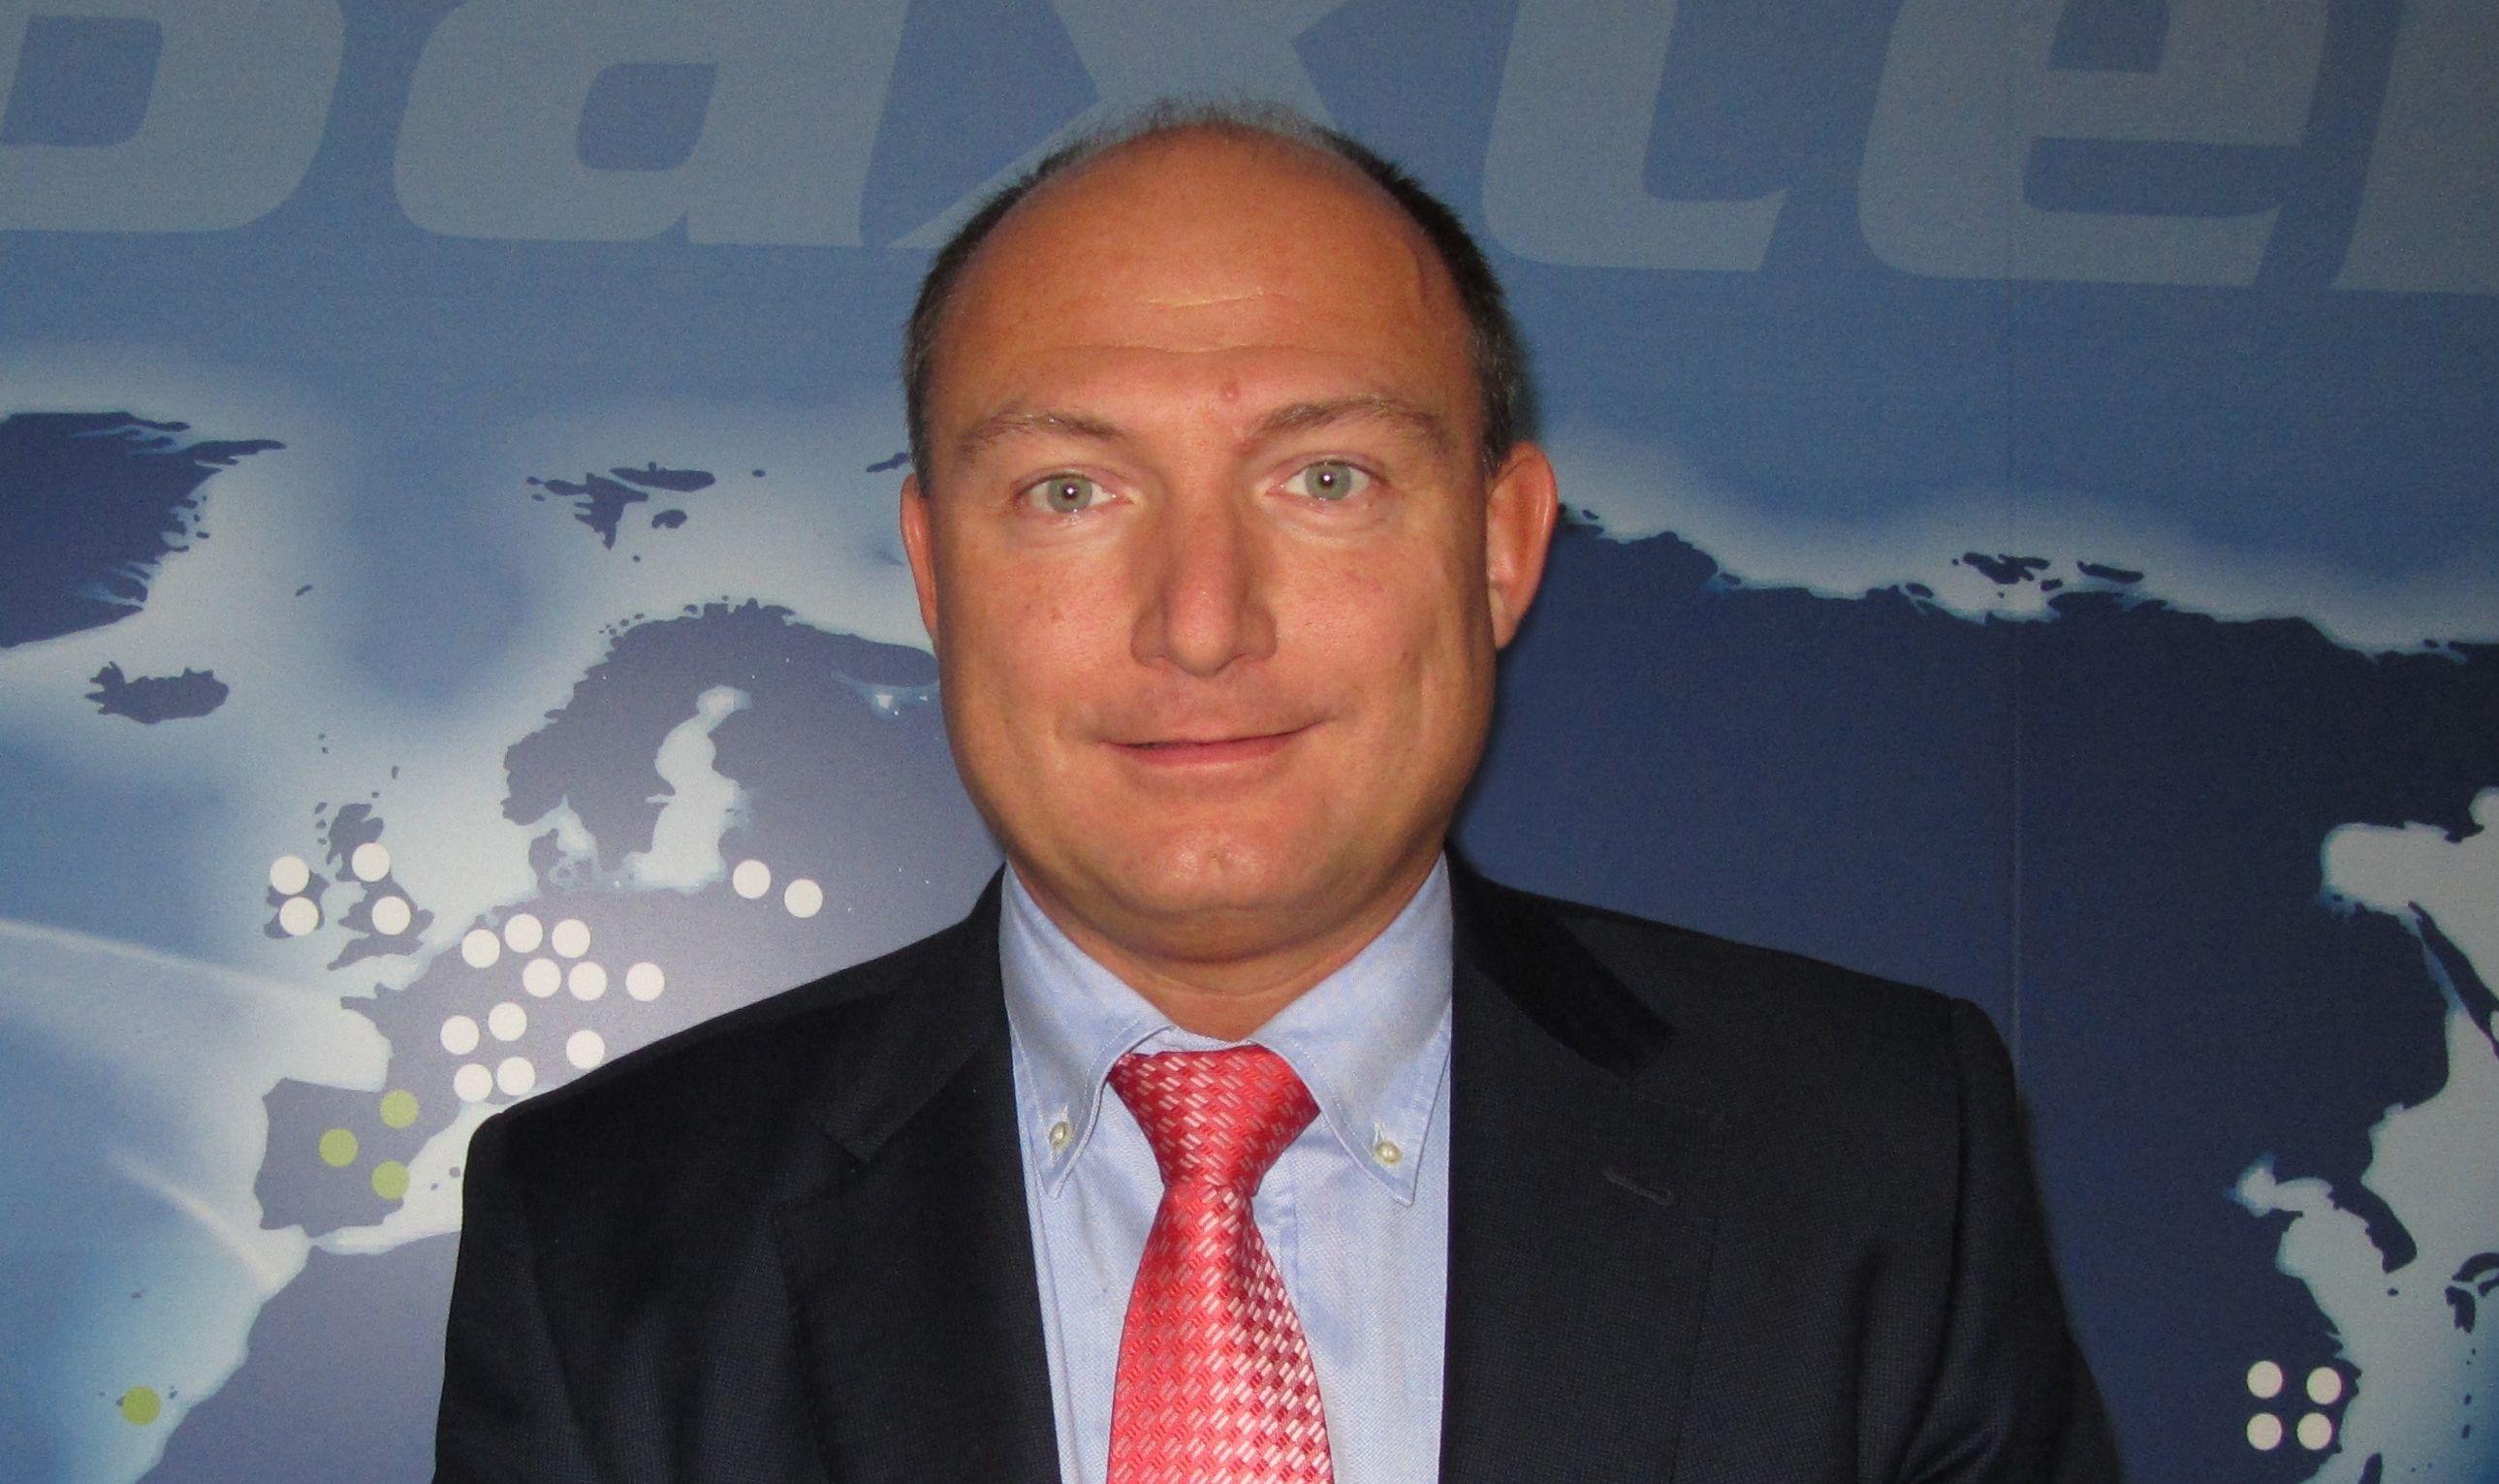 Stefan Kuntze